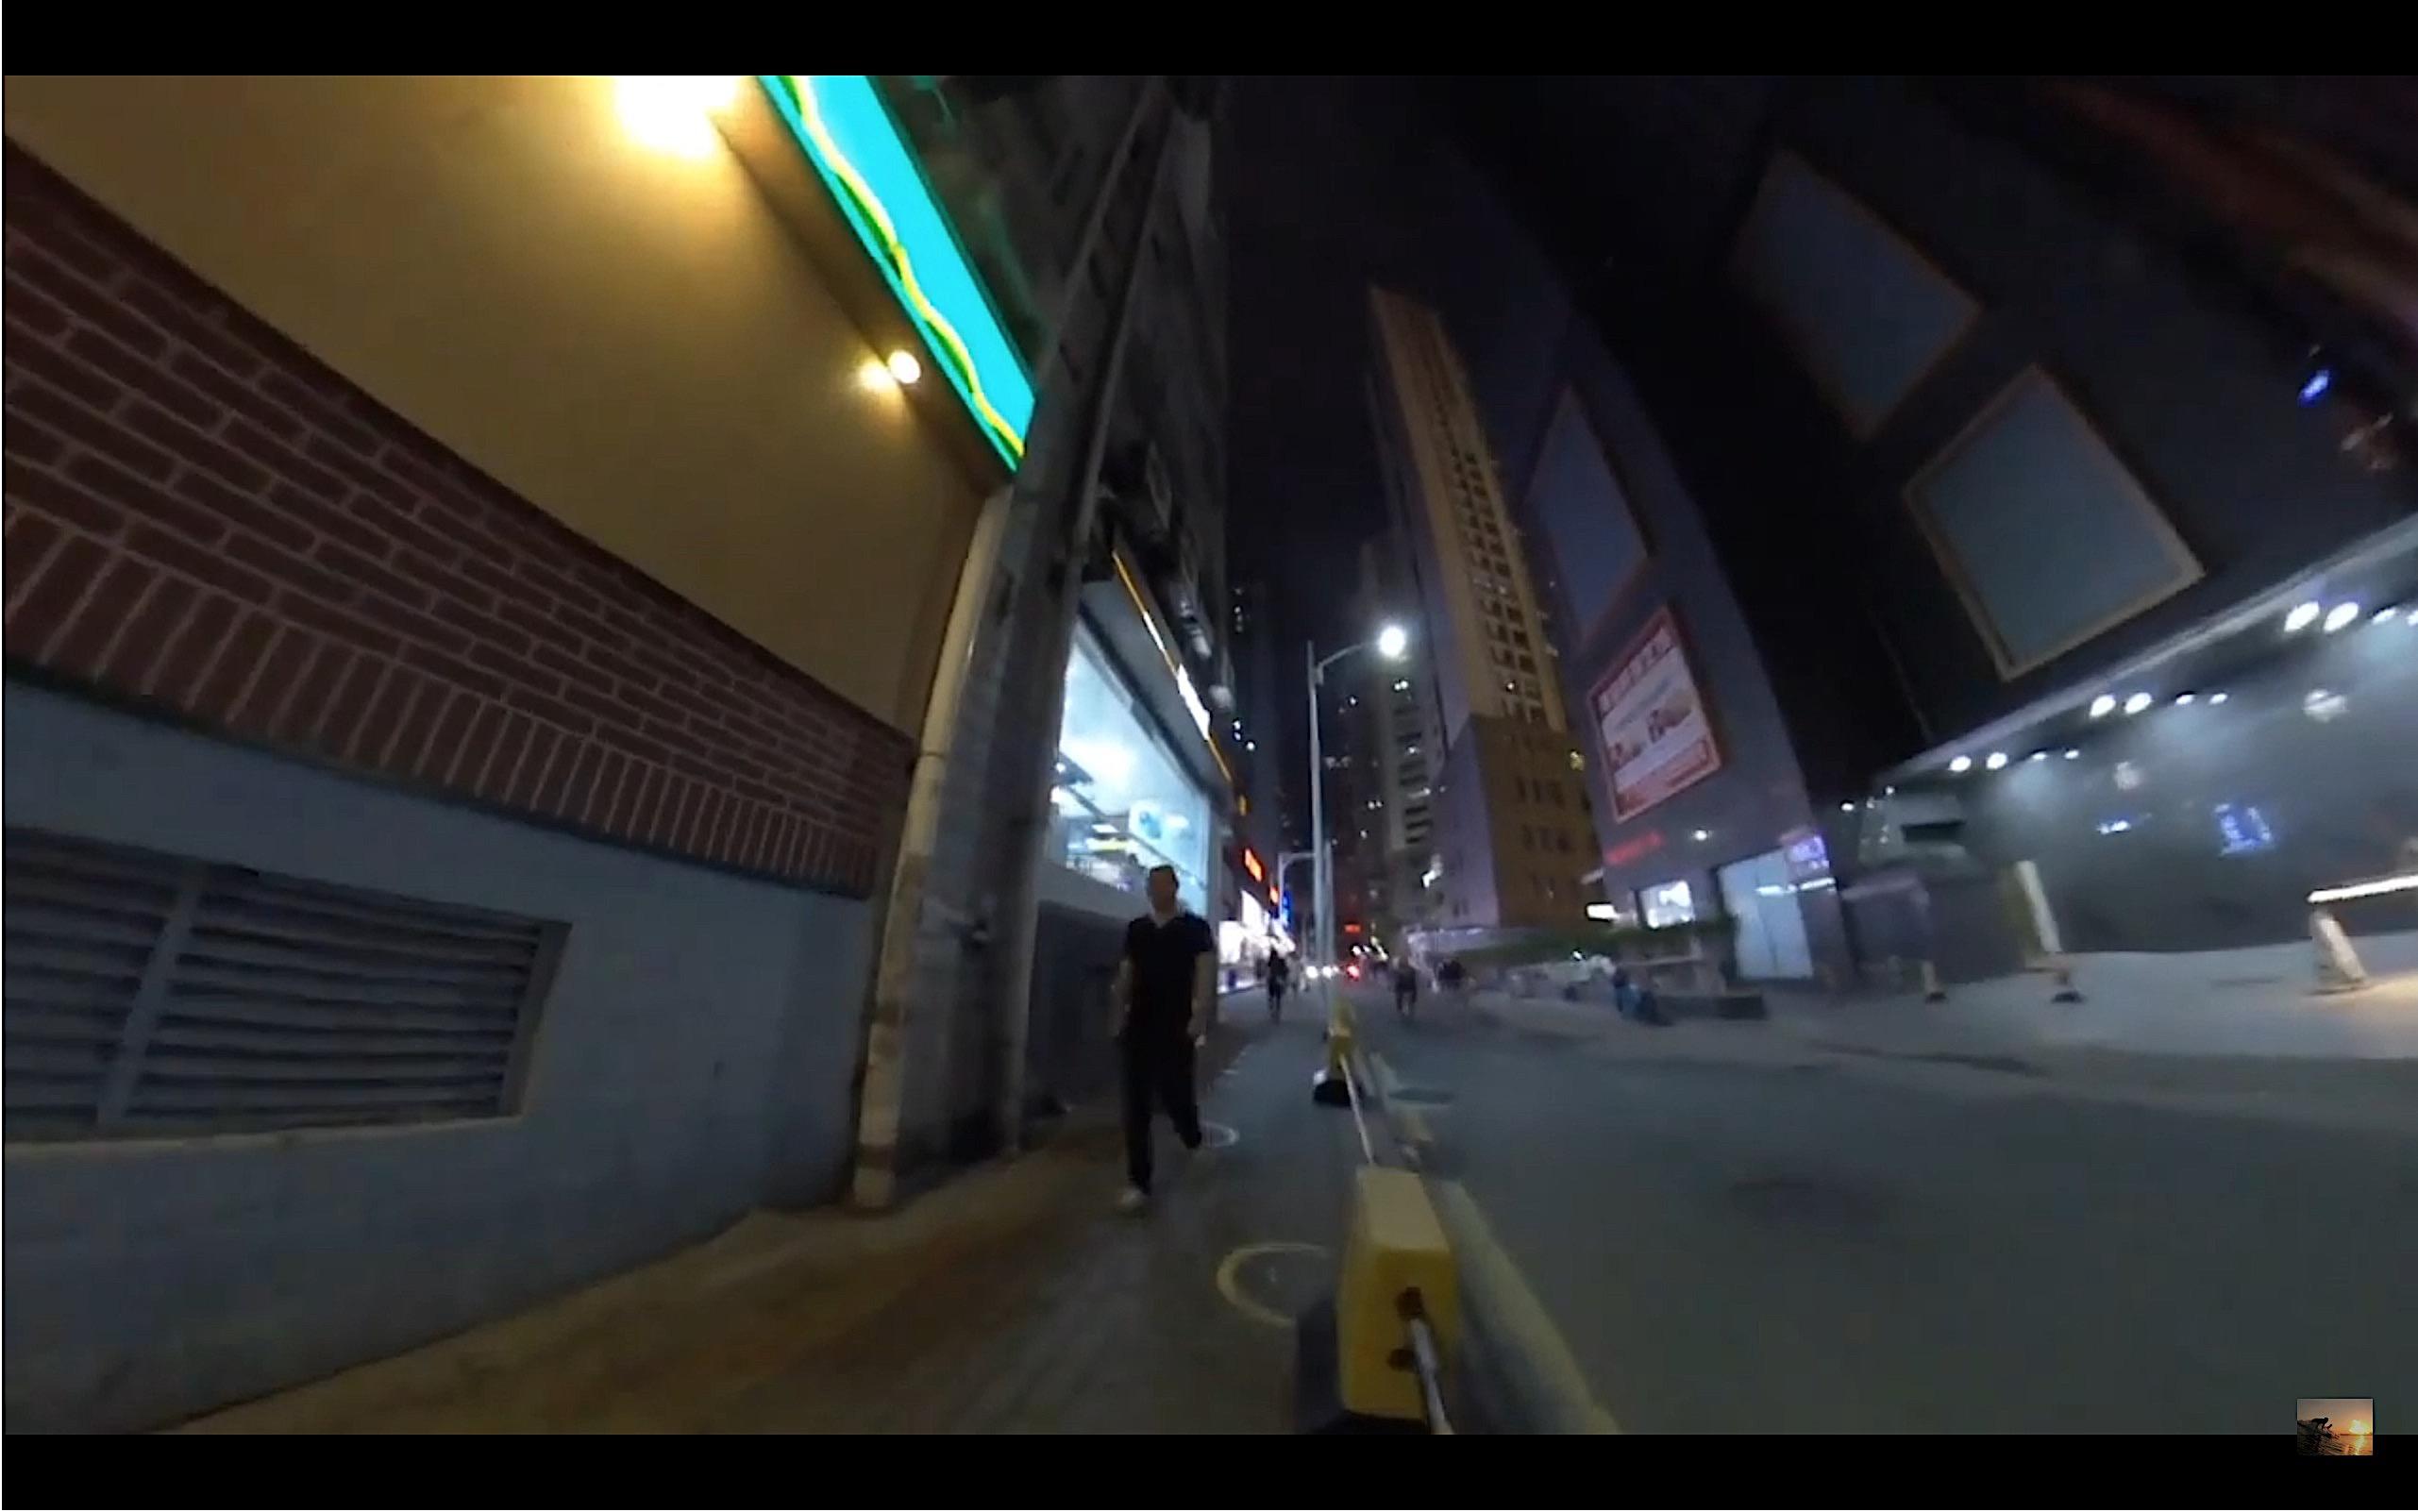 深セン ウィンダムグランドホテル近くの夜の裏通り1